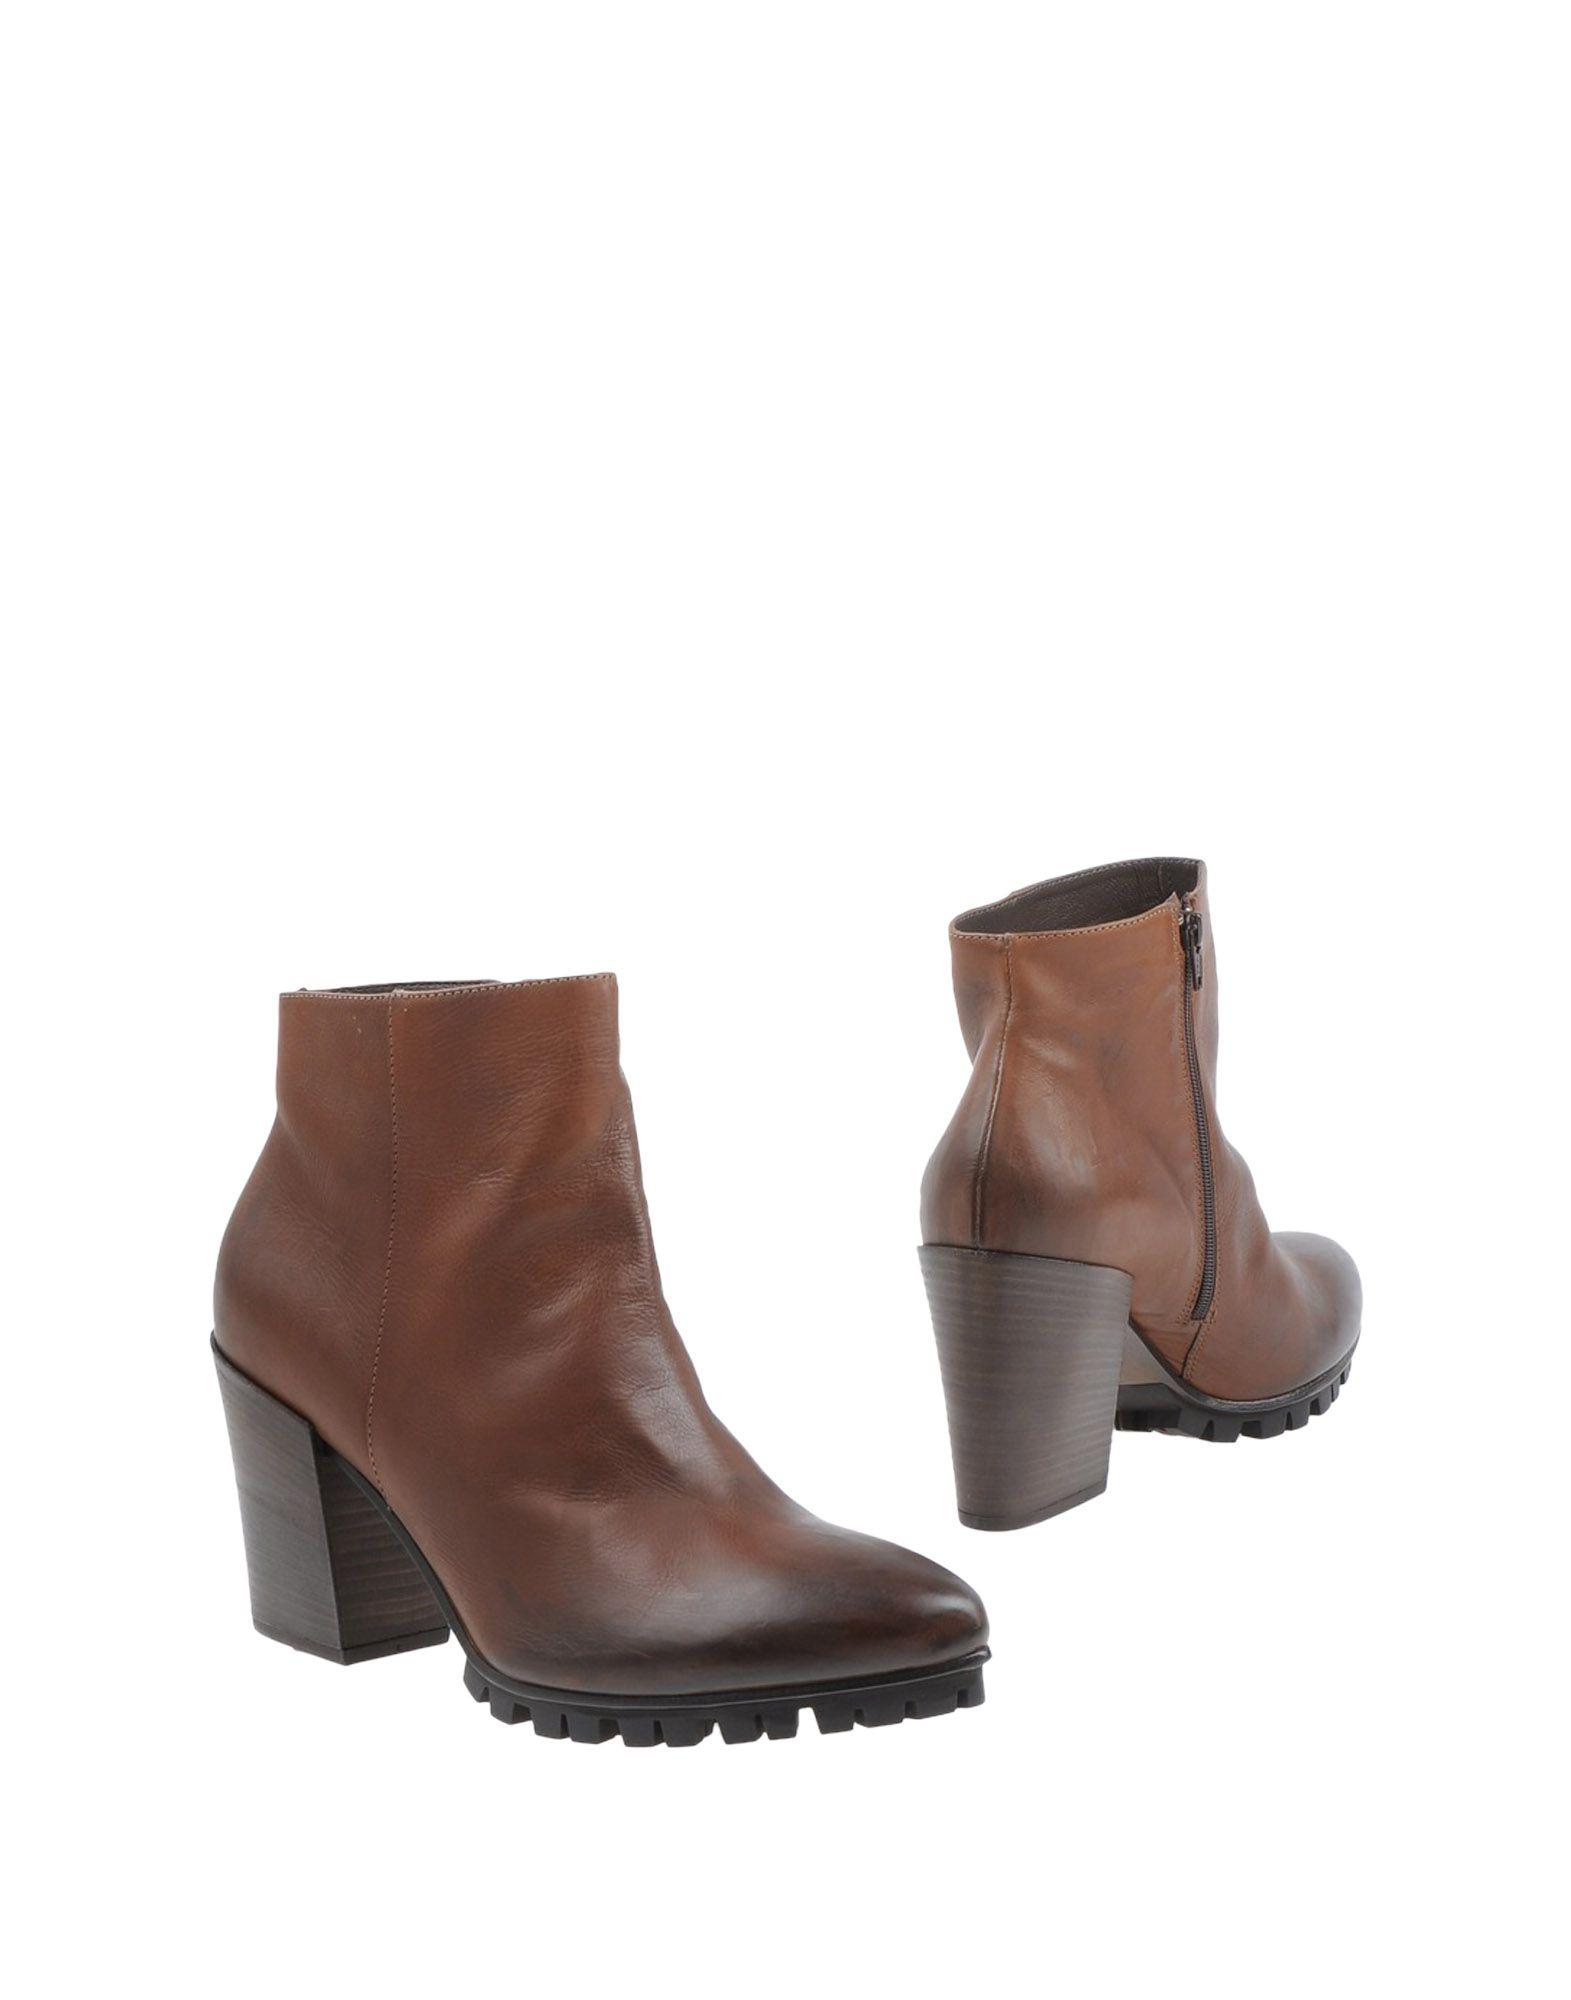 Stilvolle billige Stiefelette Schuhe Vic Stiefelette billige Damen  11296040IU 05c868